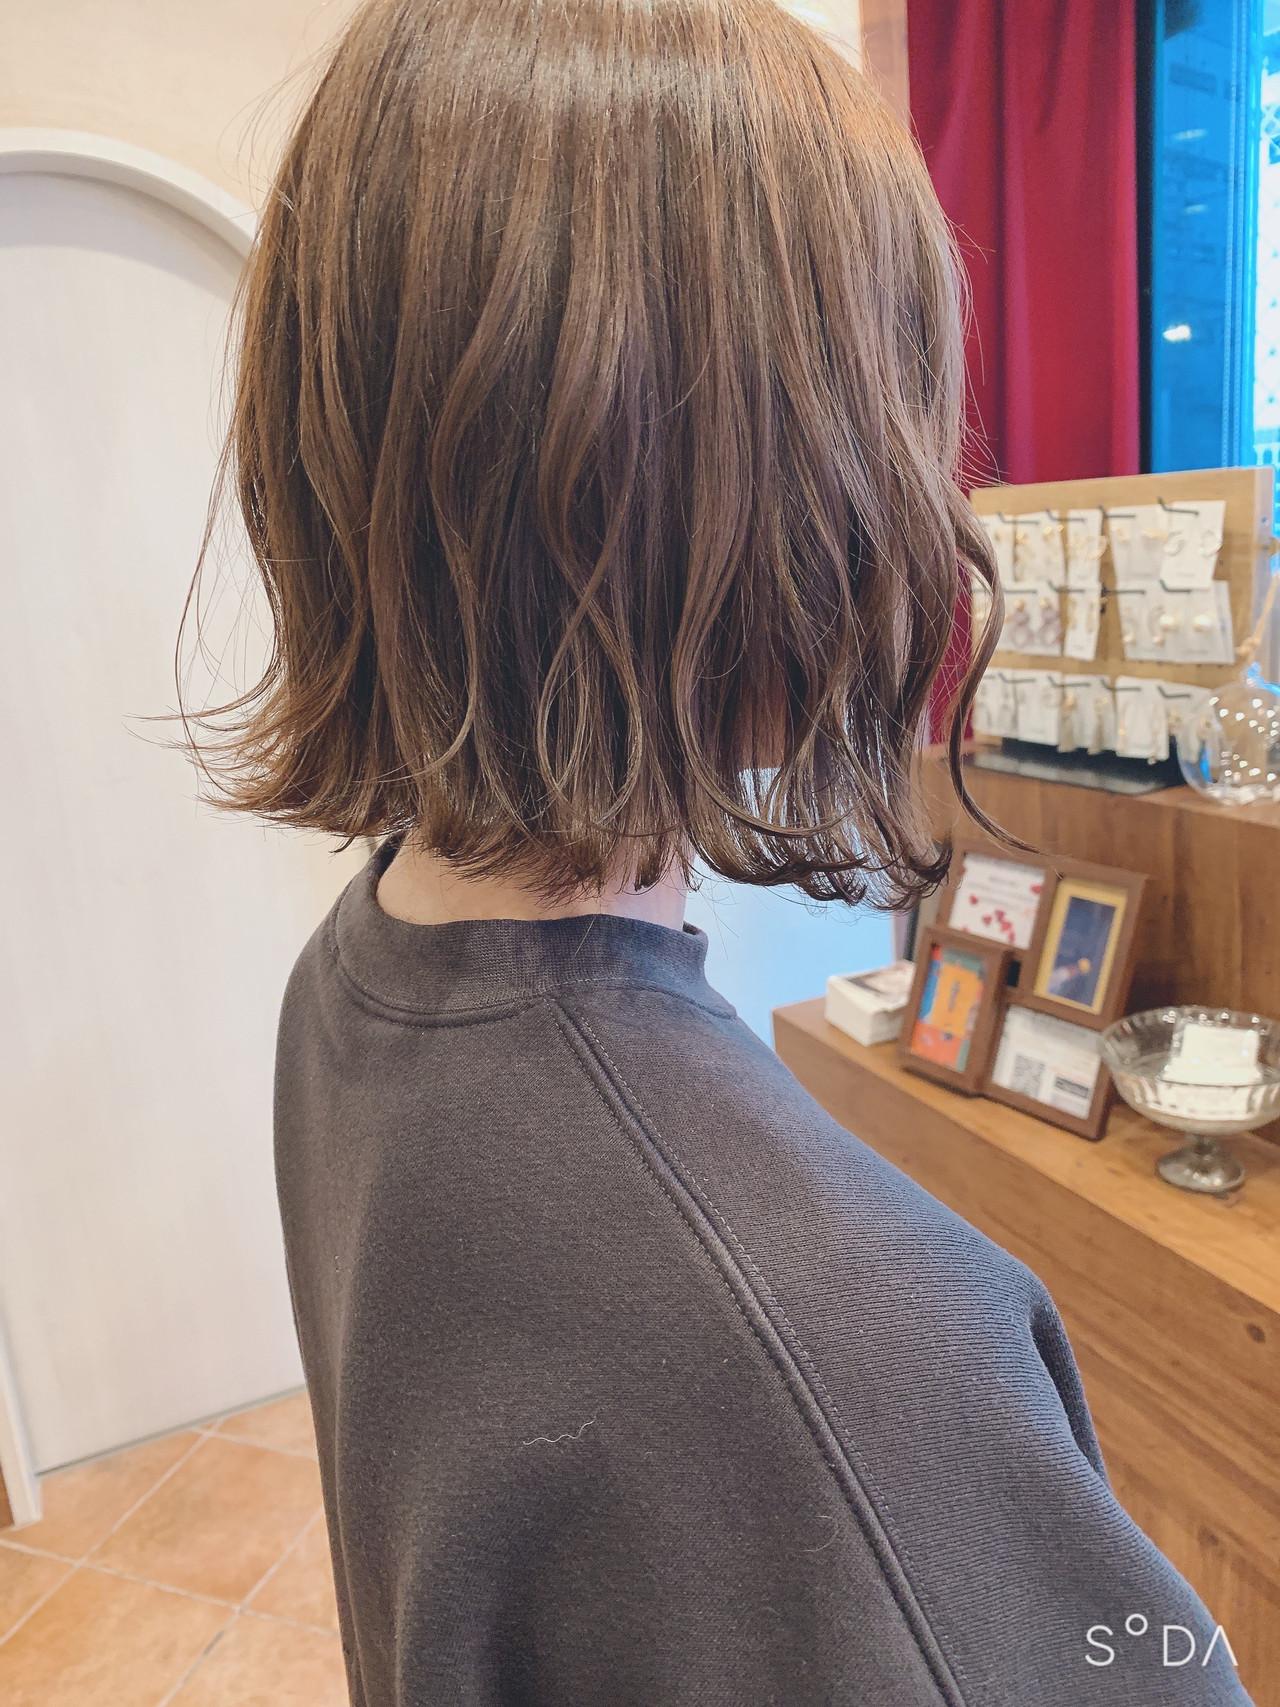 ショートヘア ボブ ナチュラル インナーカラー ヘアスタイルや髪型の写真・画像